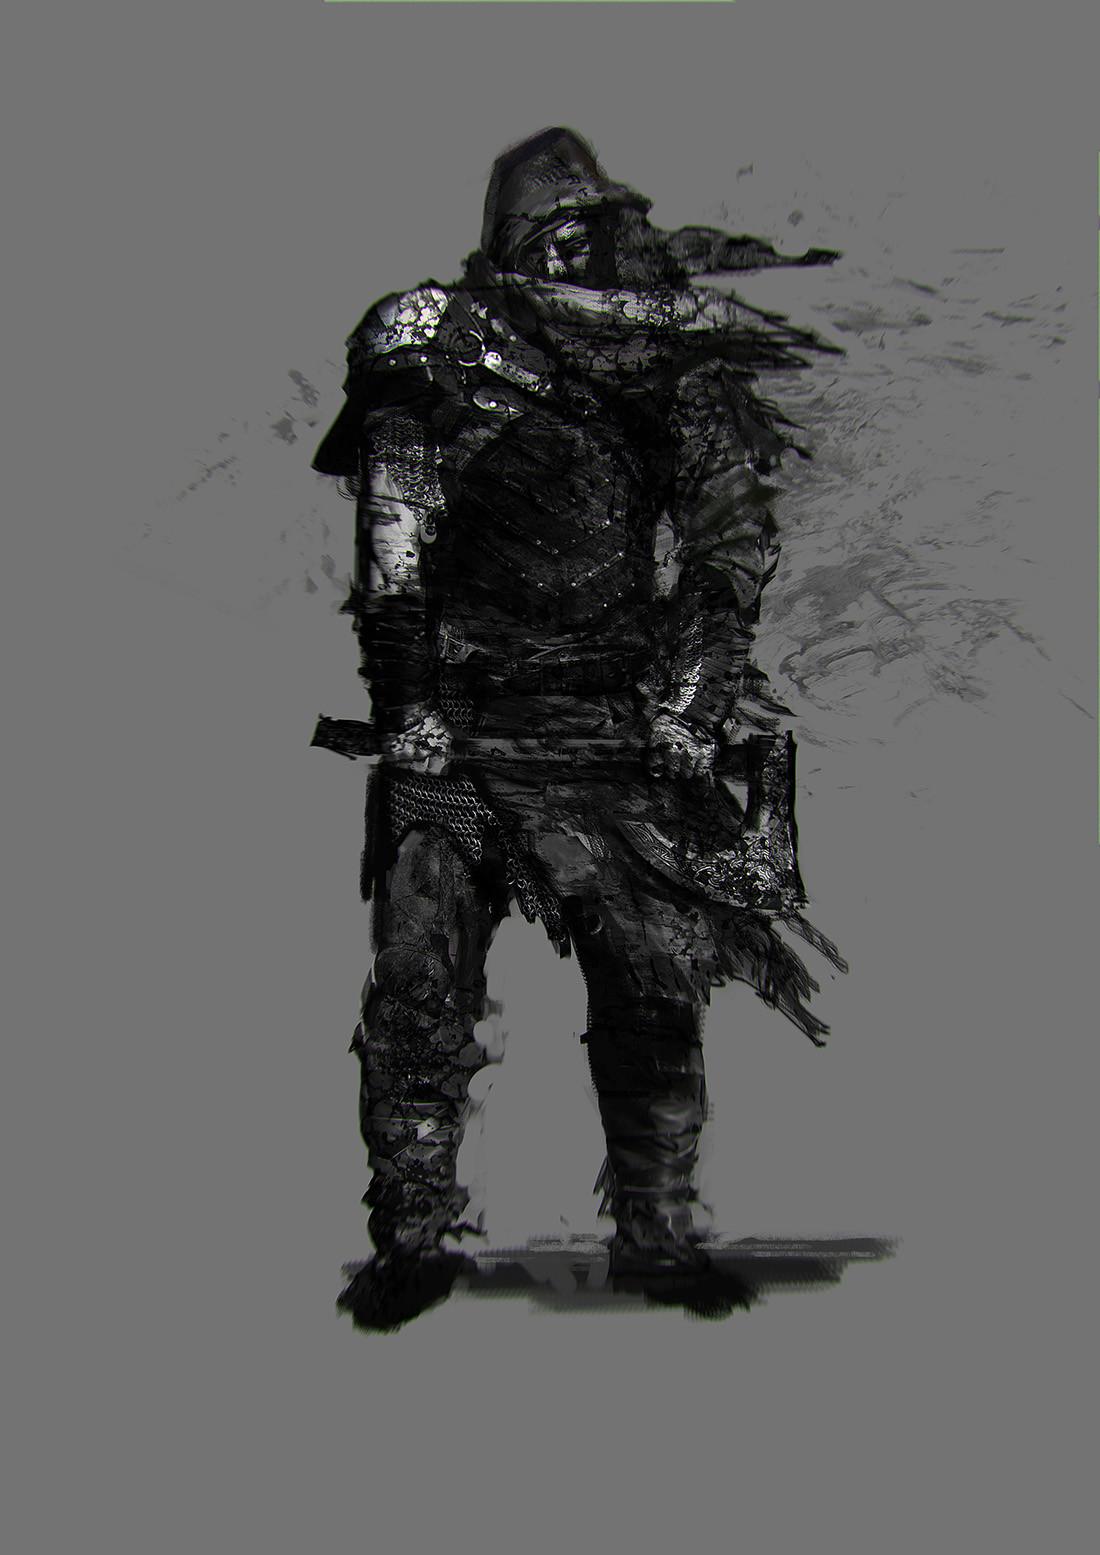 Andrei riabovitchev kaulder armor clothing v005 002